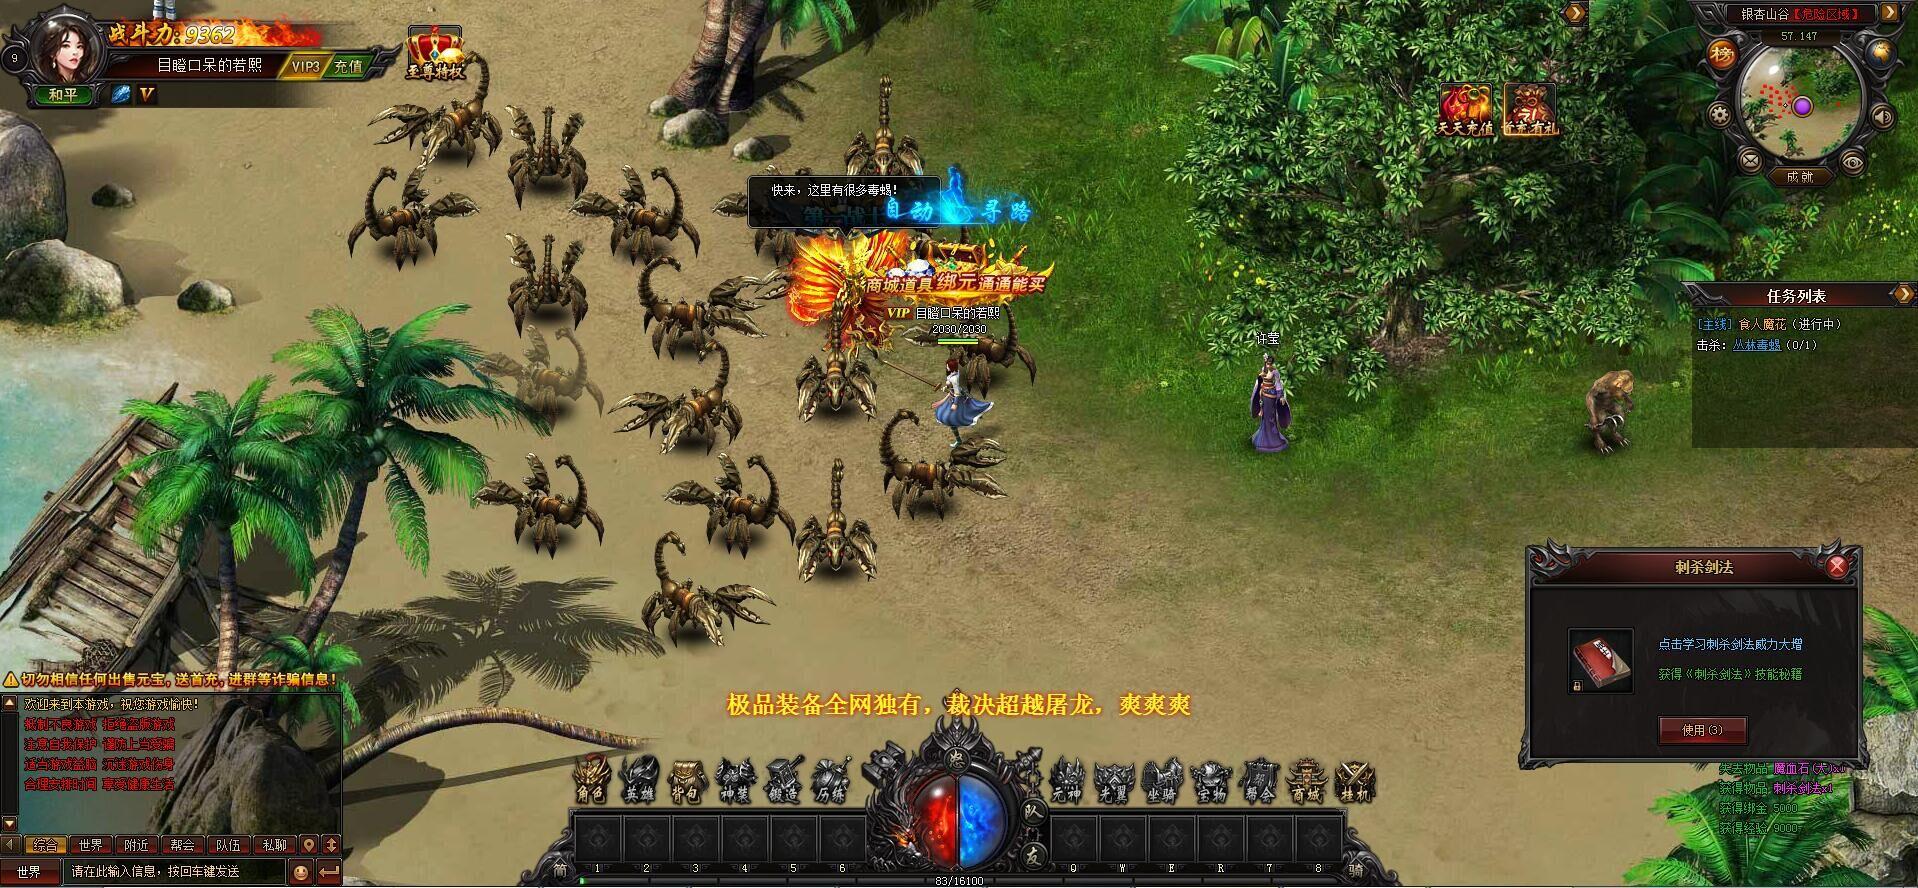 《降龙之刃》游戏截图